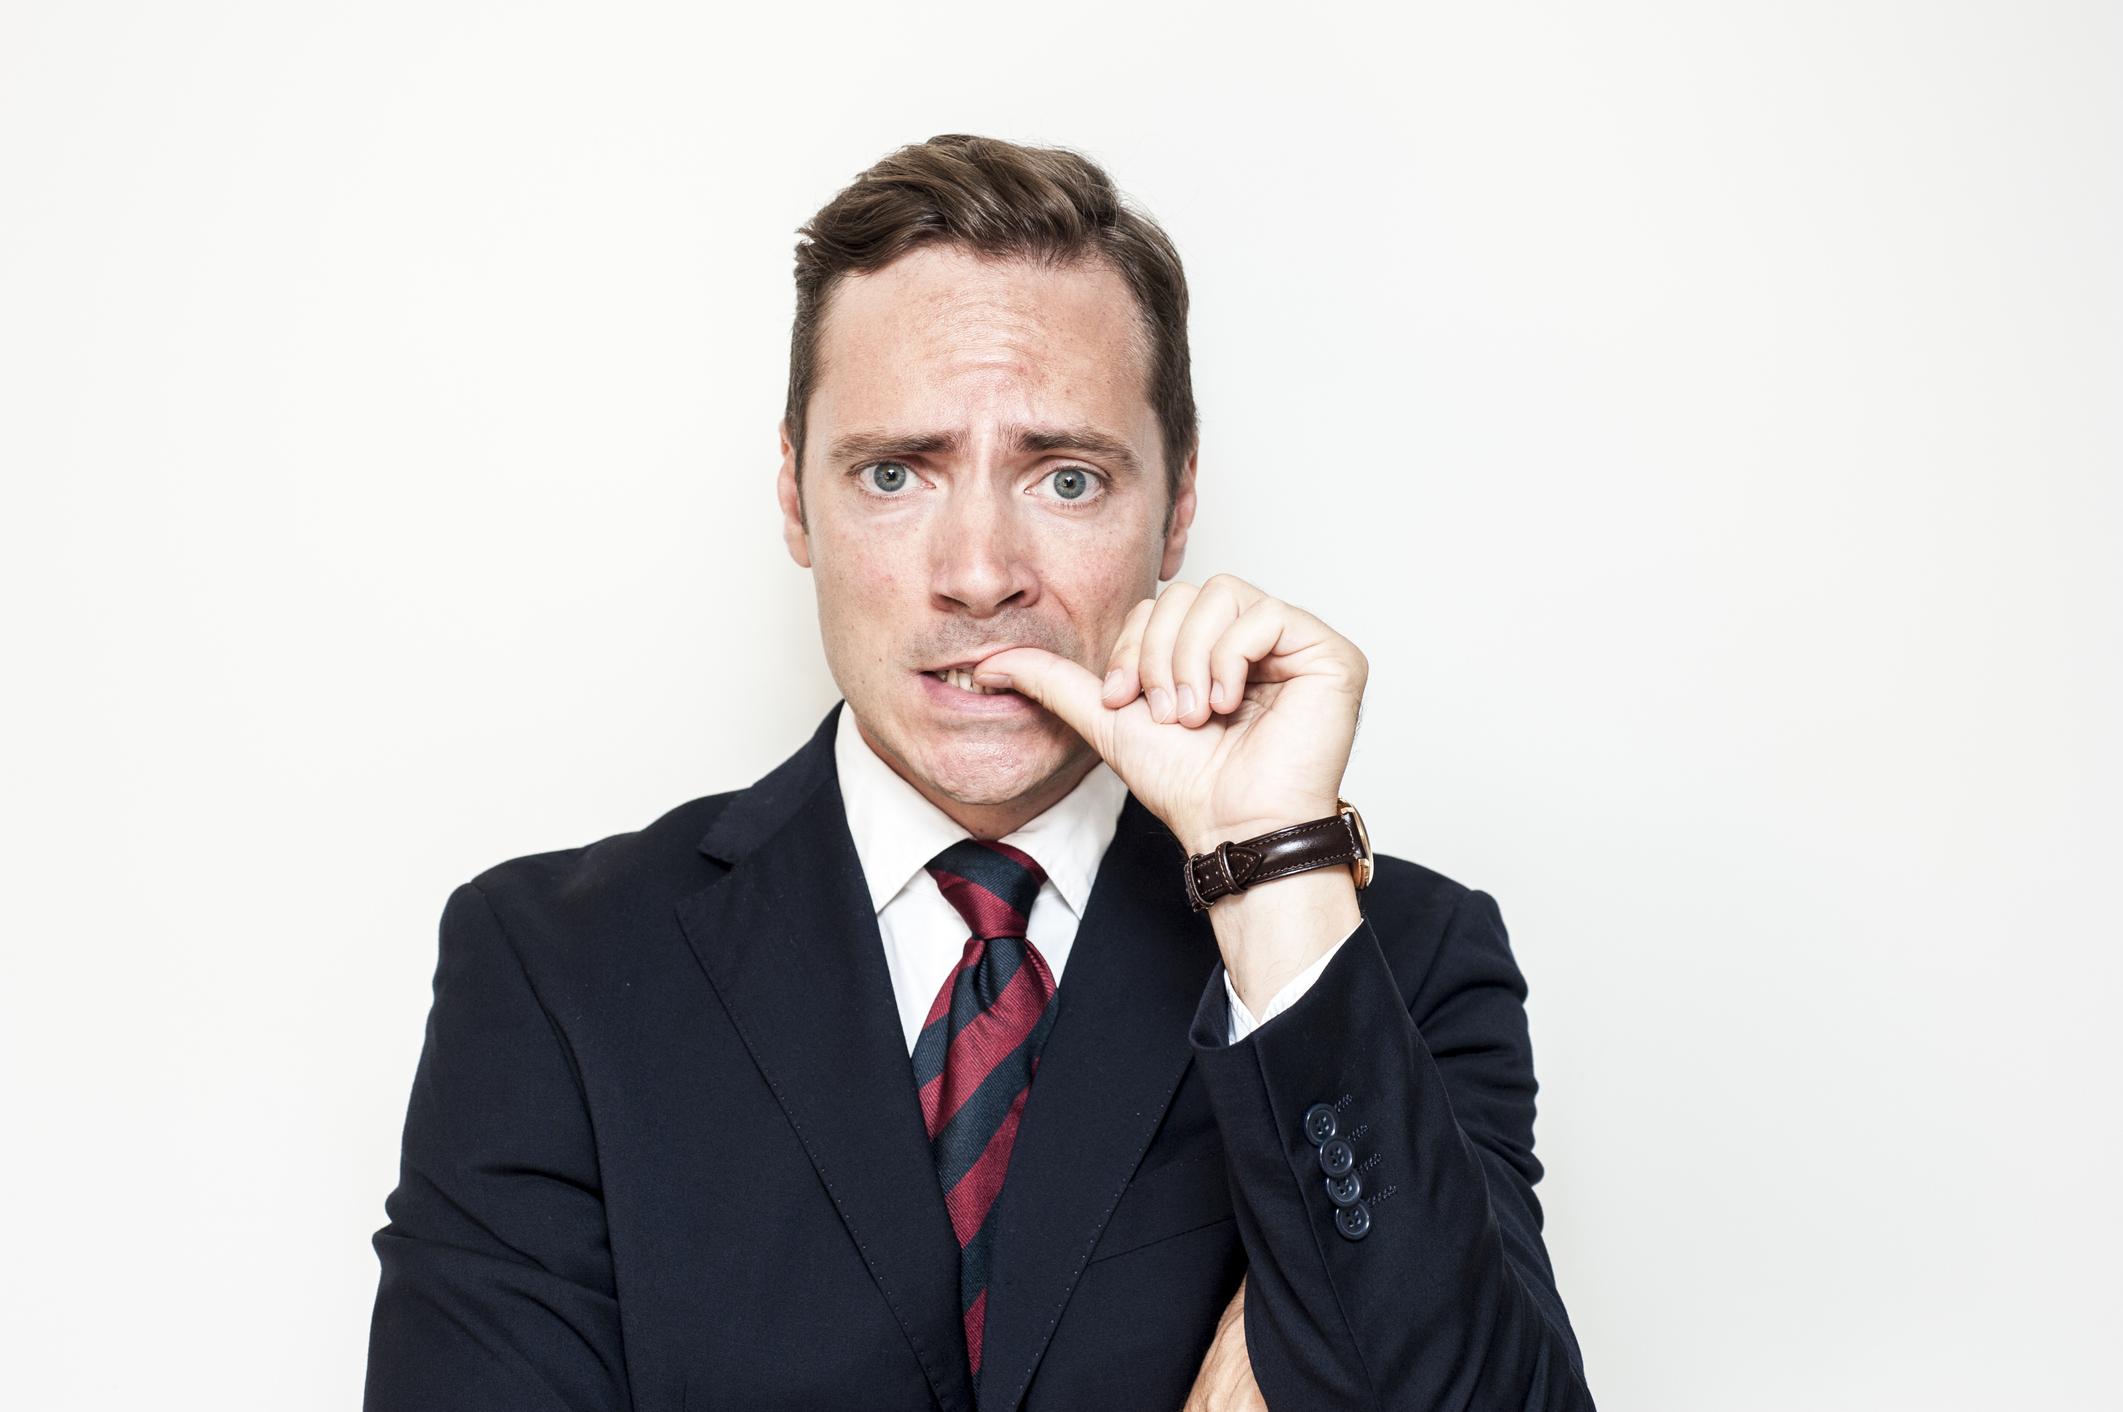 A businessman bites his nail.